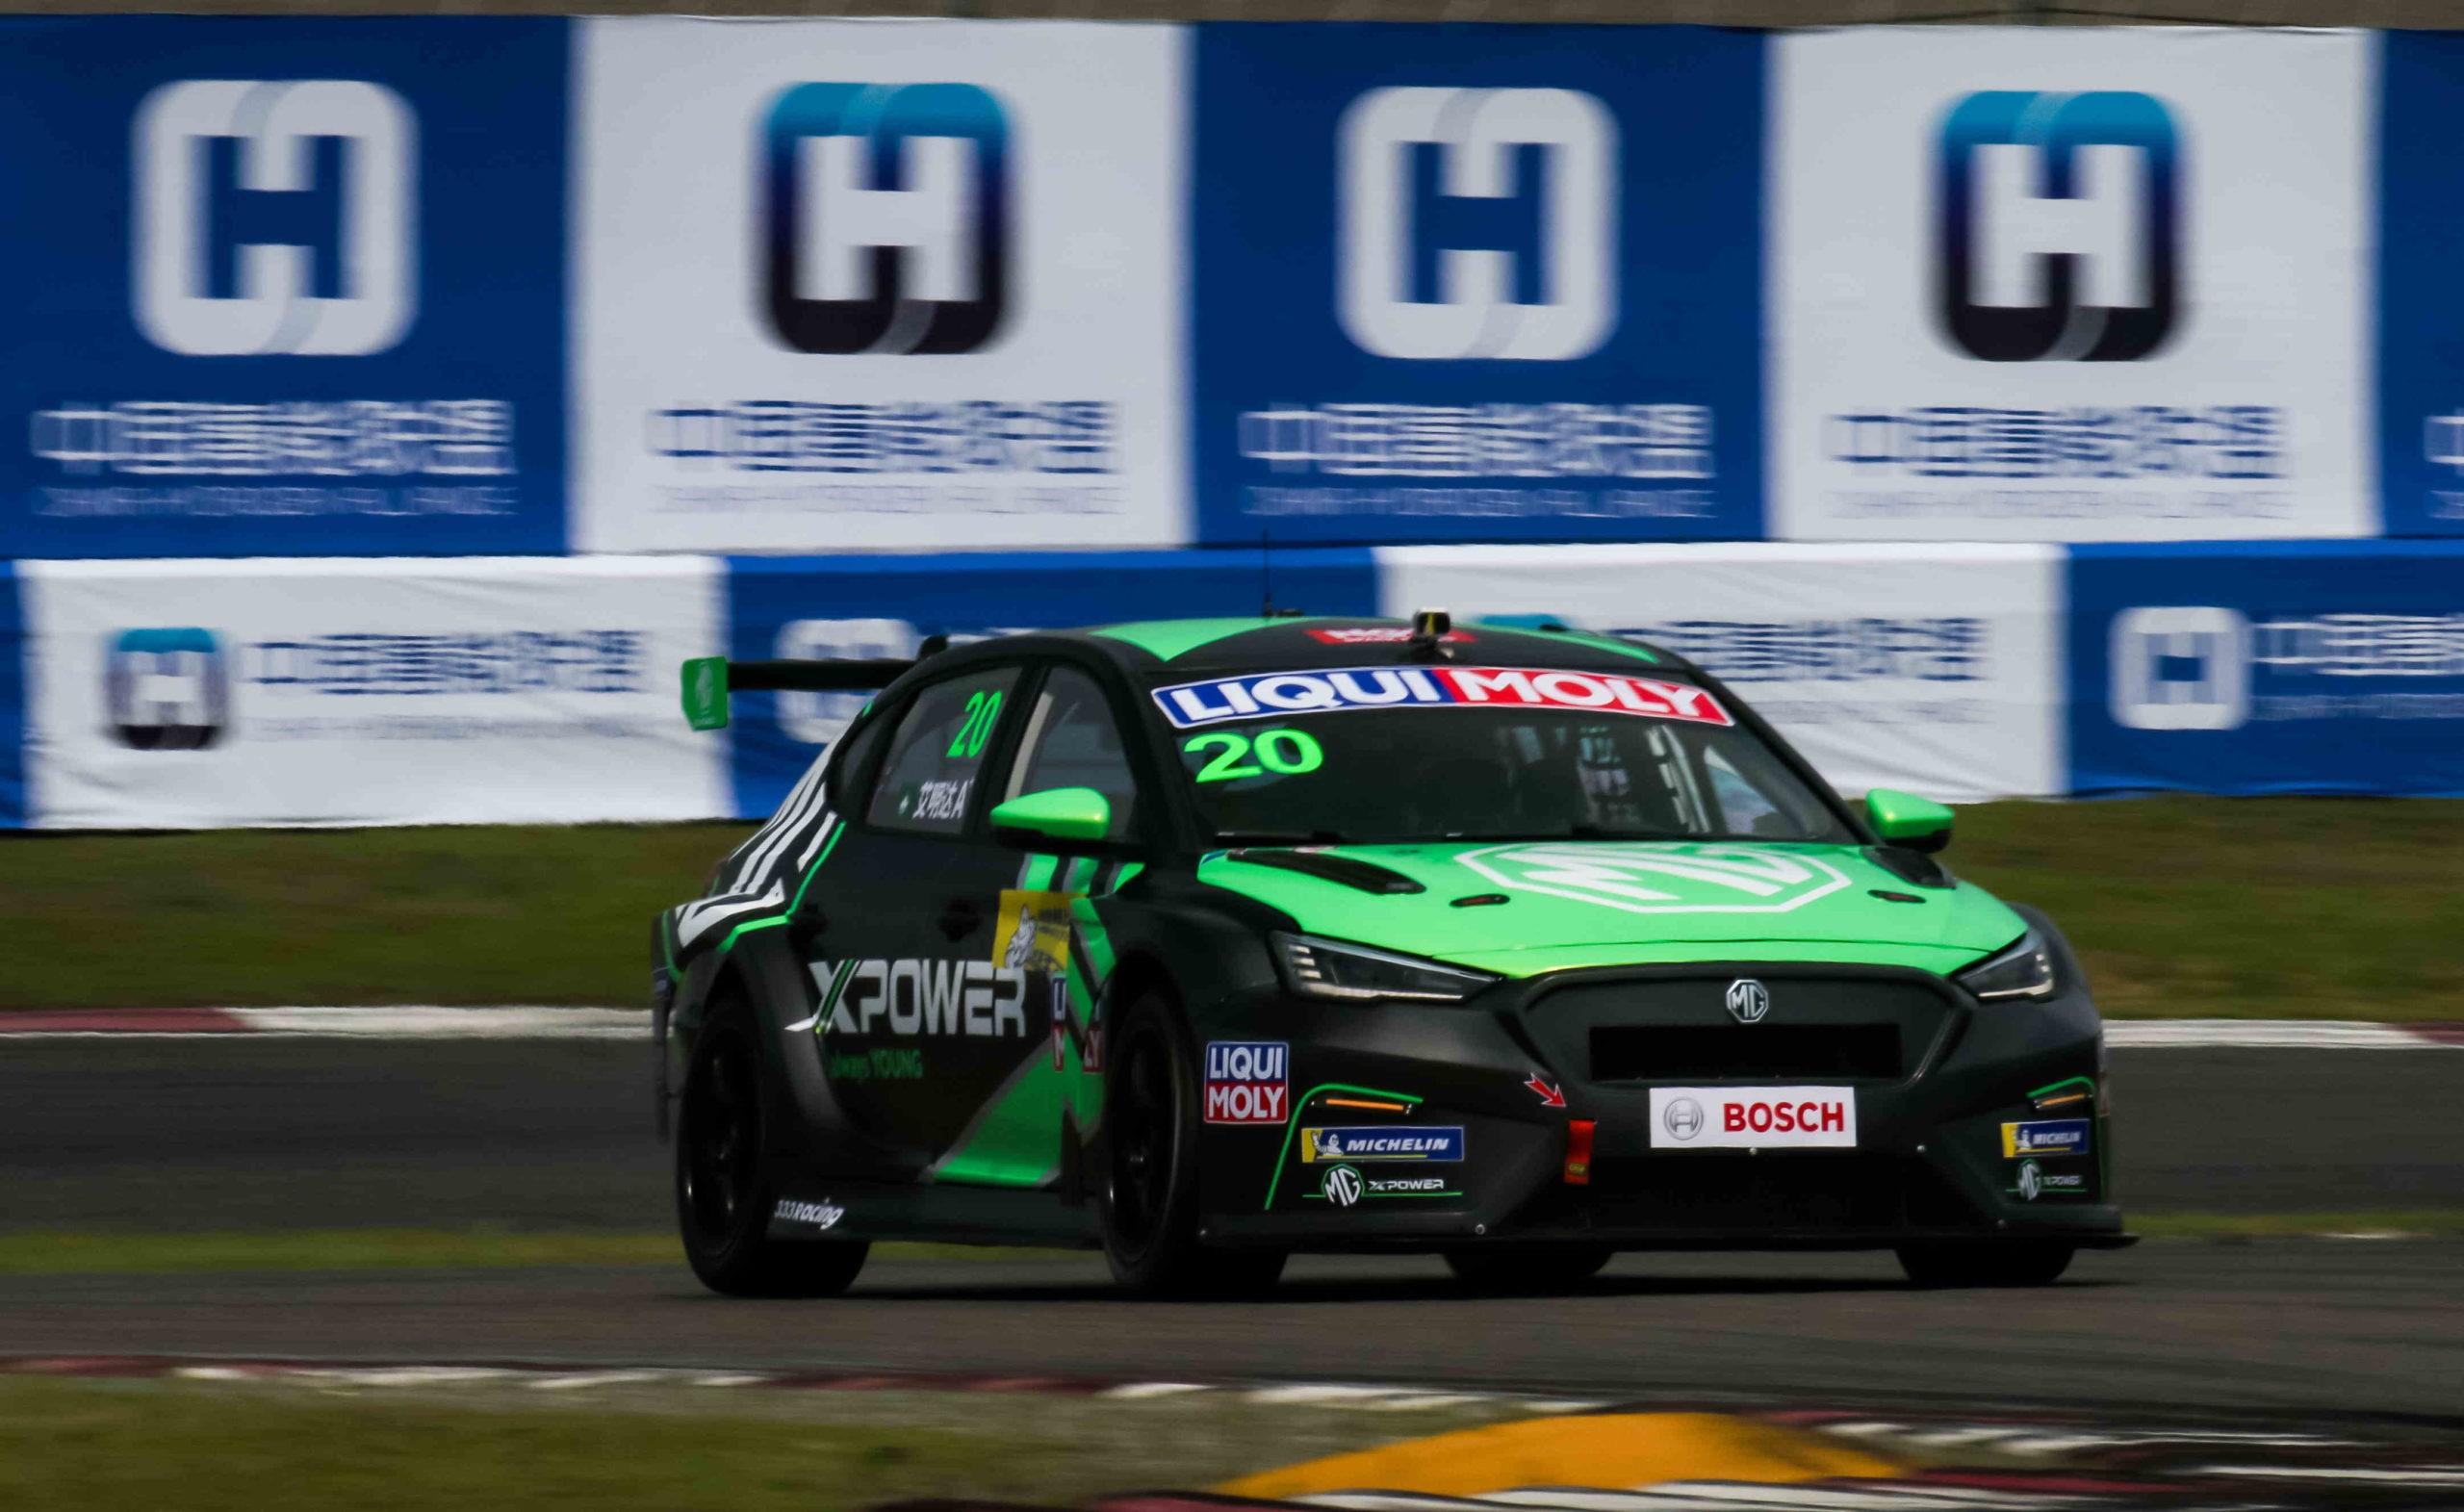 Automobilismo   Ávila conquista primeiro pódio no Campeonato TCR China